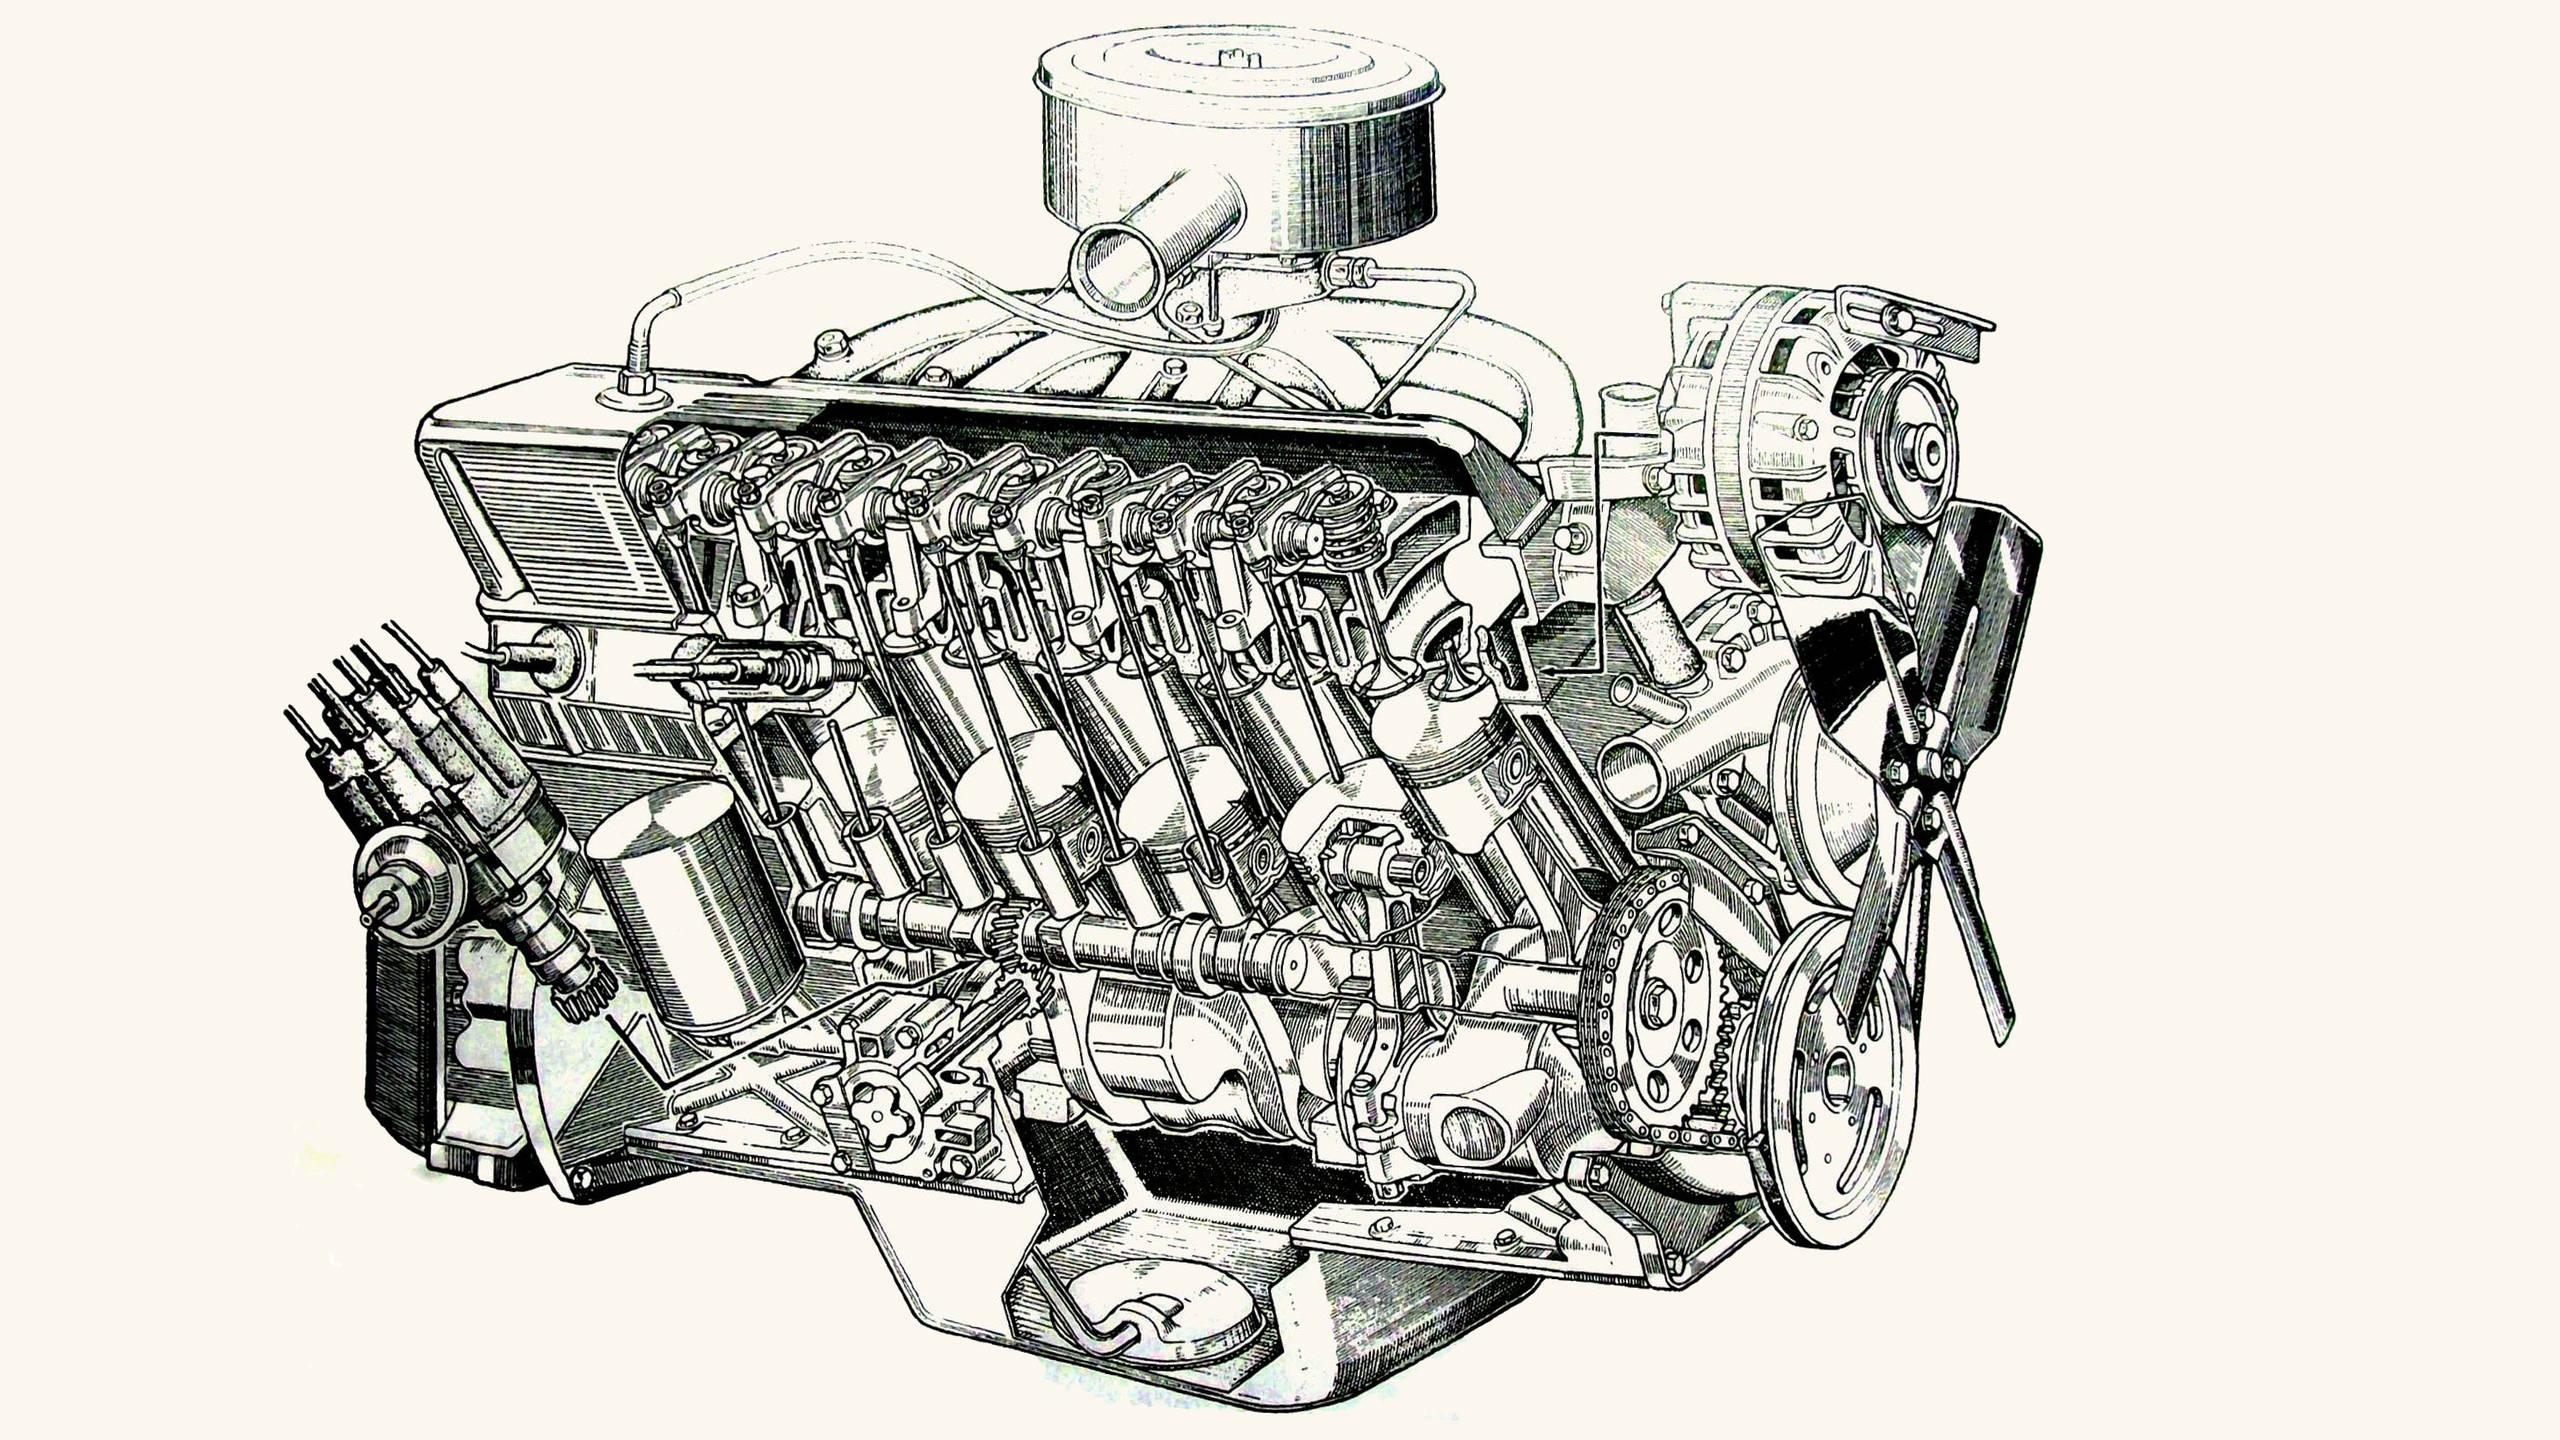 FIAT-Chrysler готовит рядную бензиновую «шестёрку» мощностью в 700 л.с.